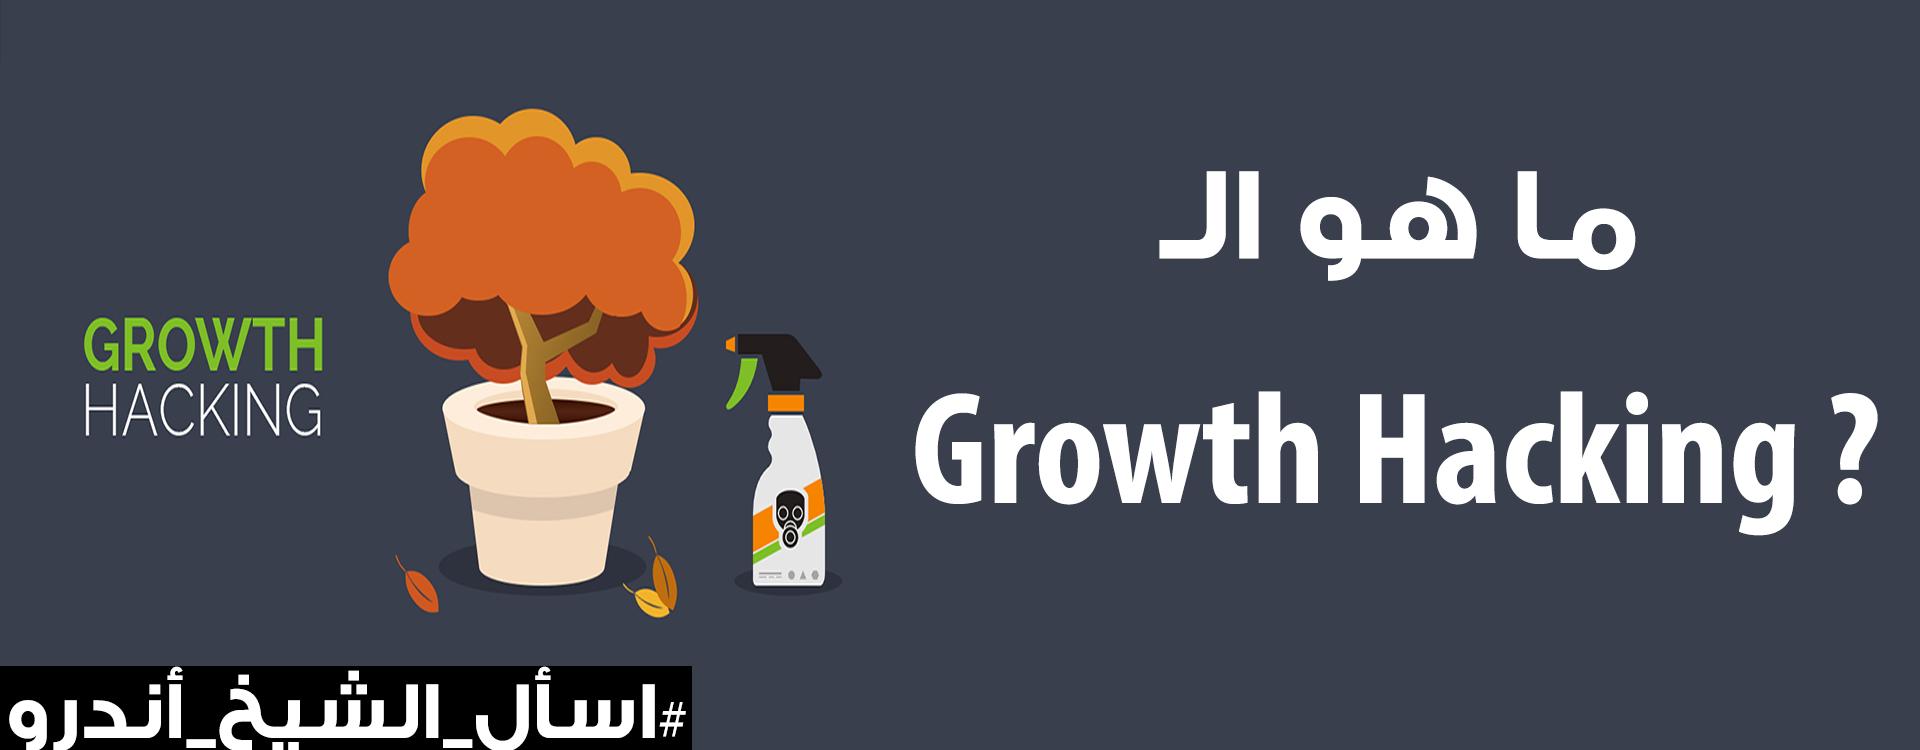 ما هو الجروث هاكينج | Growth Hacking